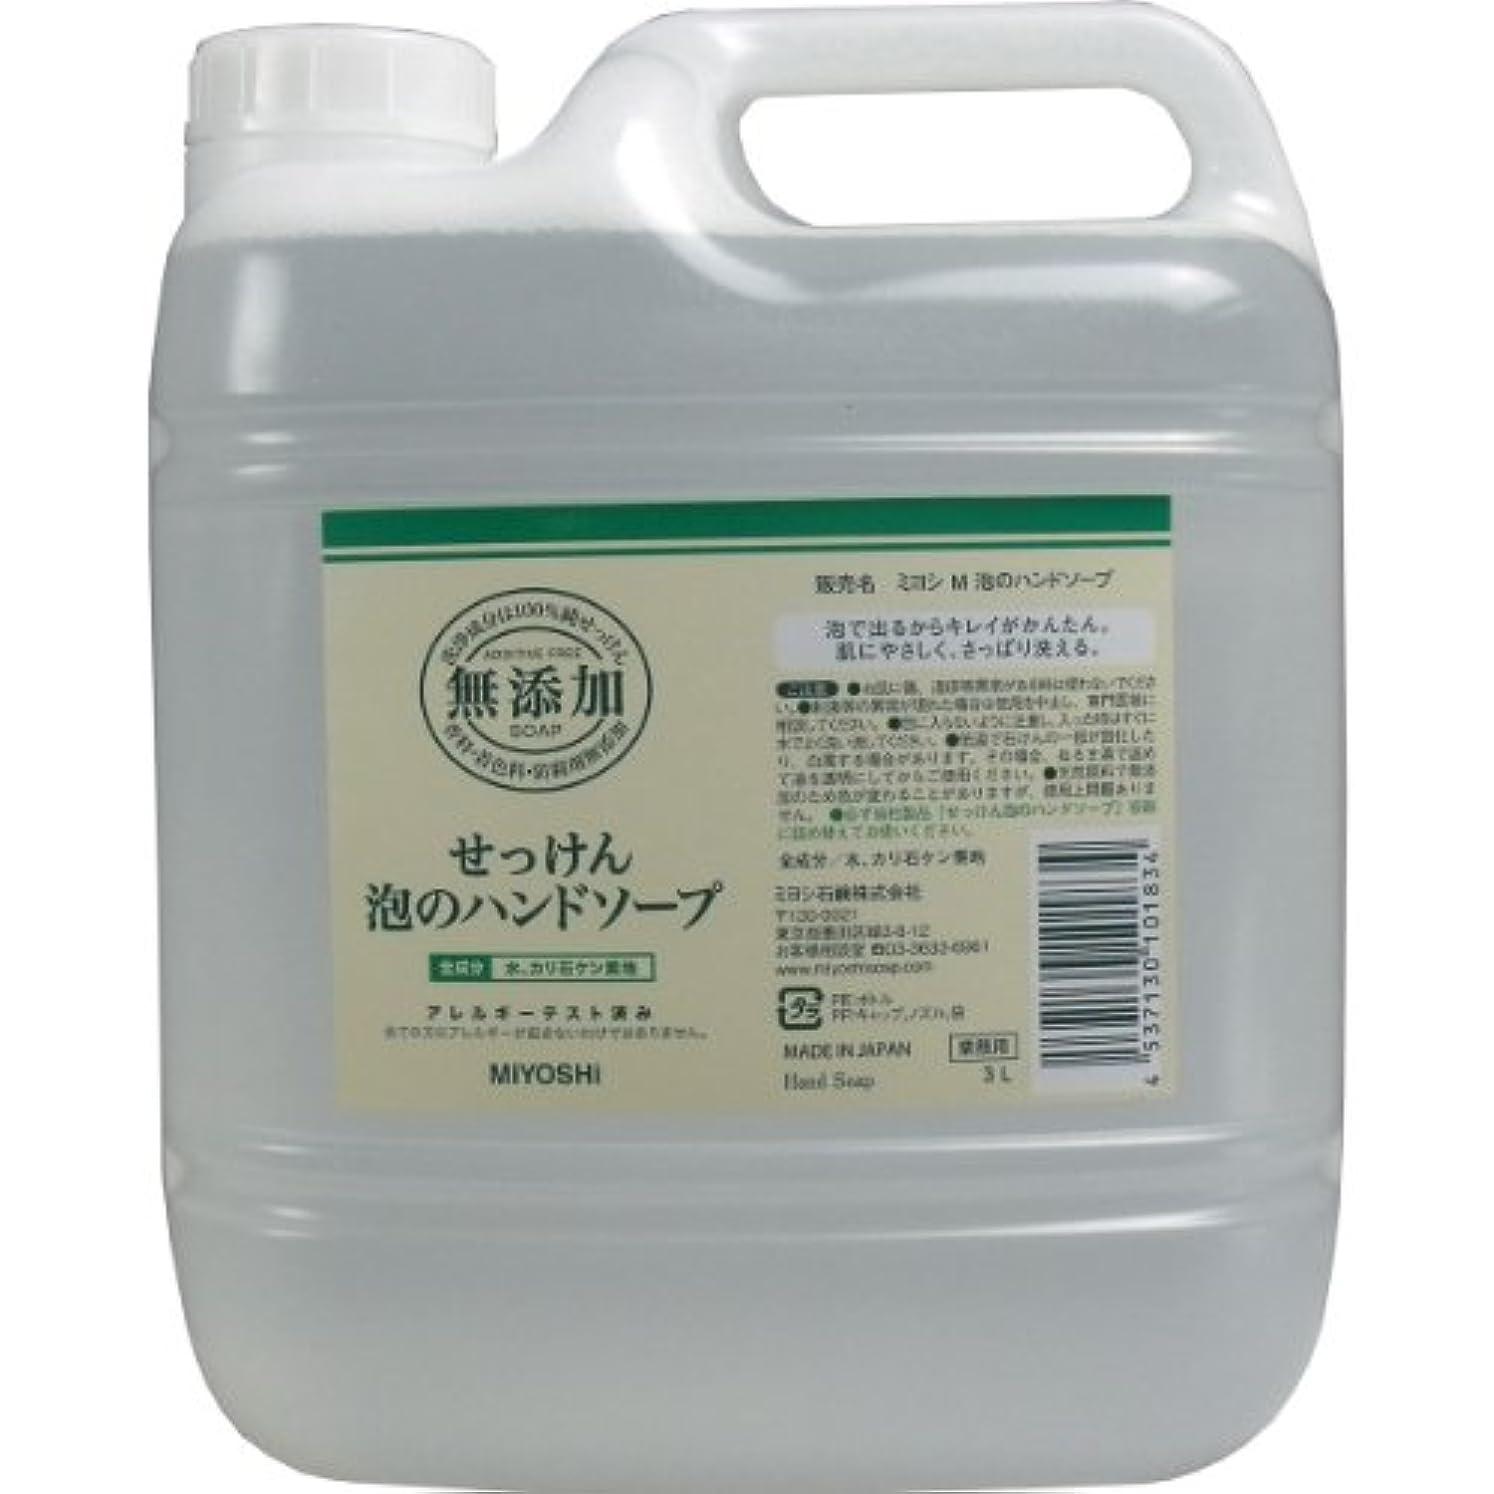 工場輸血プライバシー【セット品】無添加せっけん泡のハンドソープ 3000ml ×3個